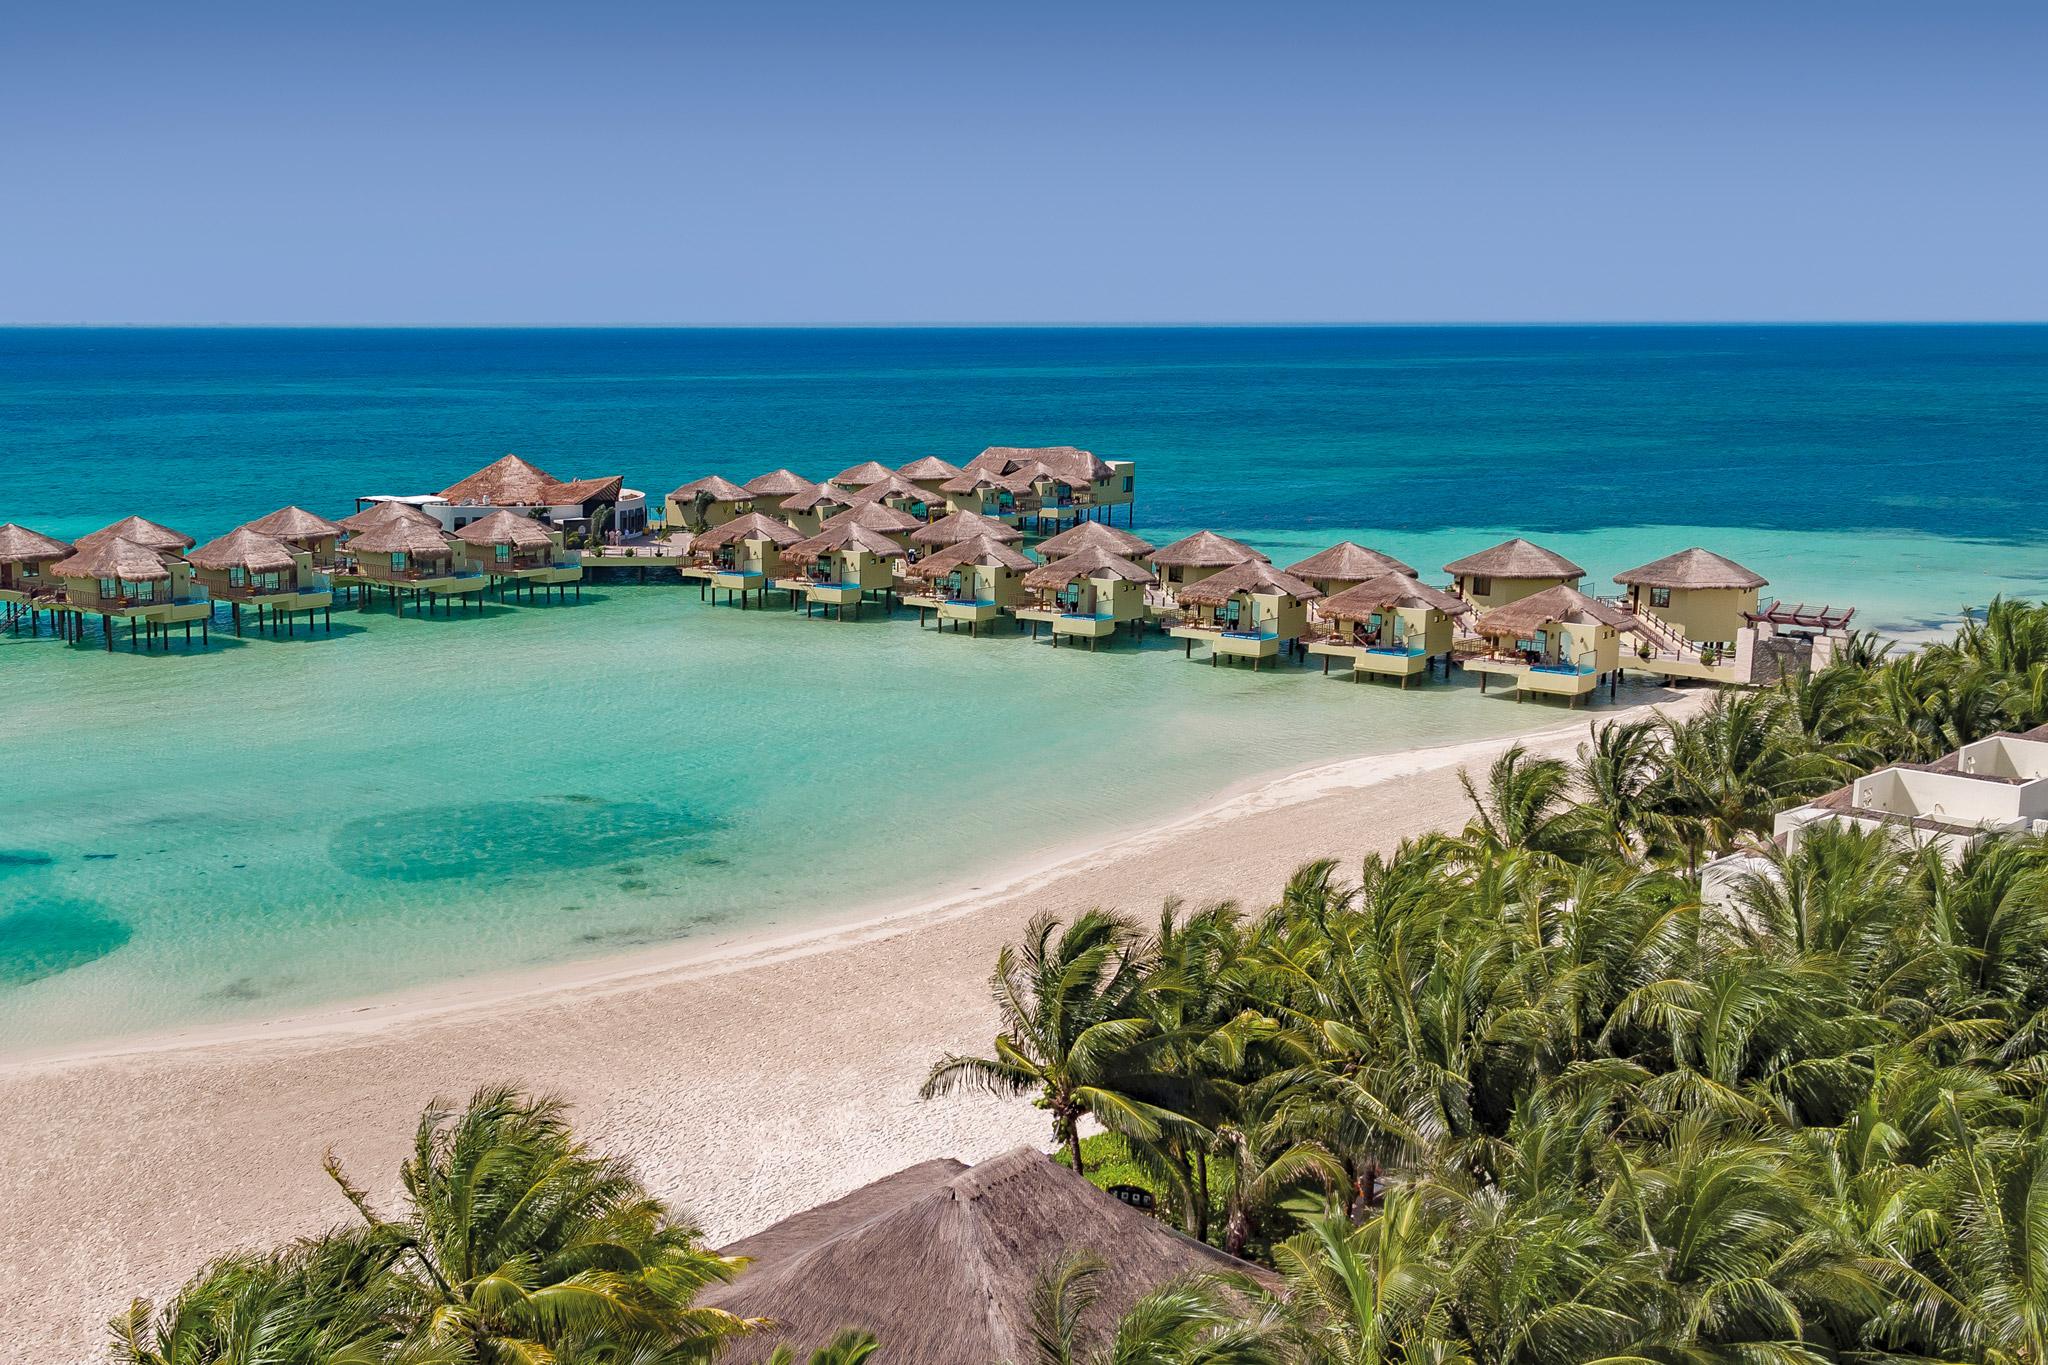 El Dorado Maroma Riviera Maya Transat